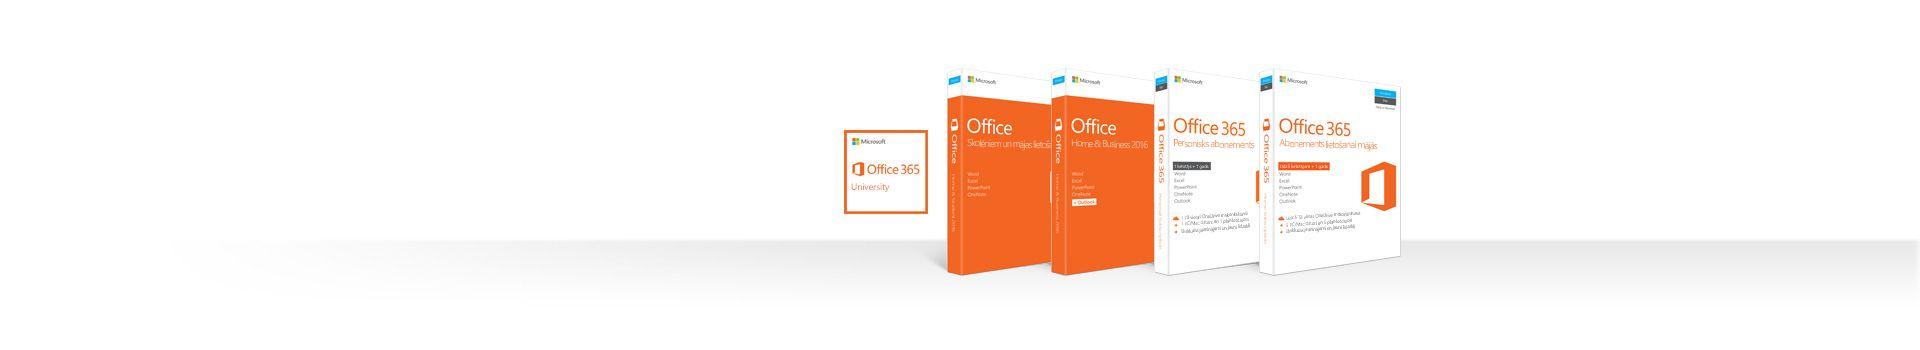 Office2016 un Office365 produktu Mac datoram lodziņu rinda